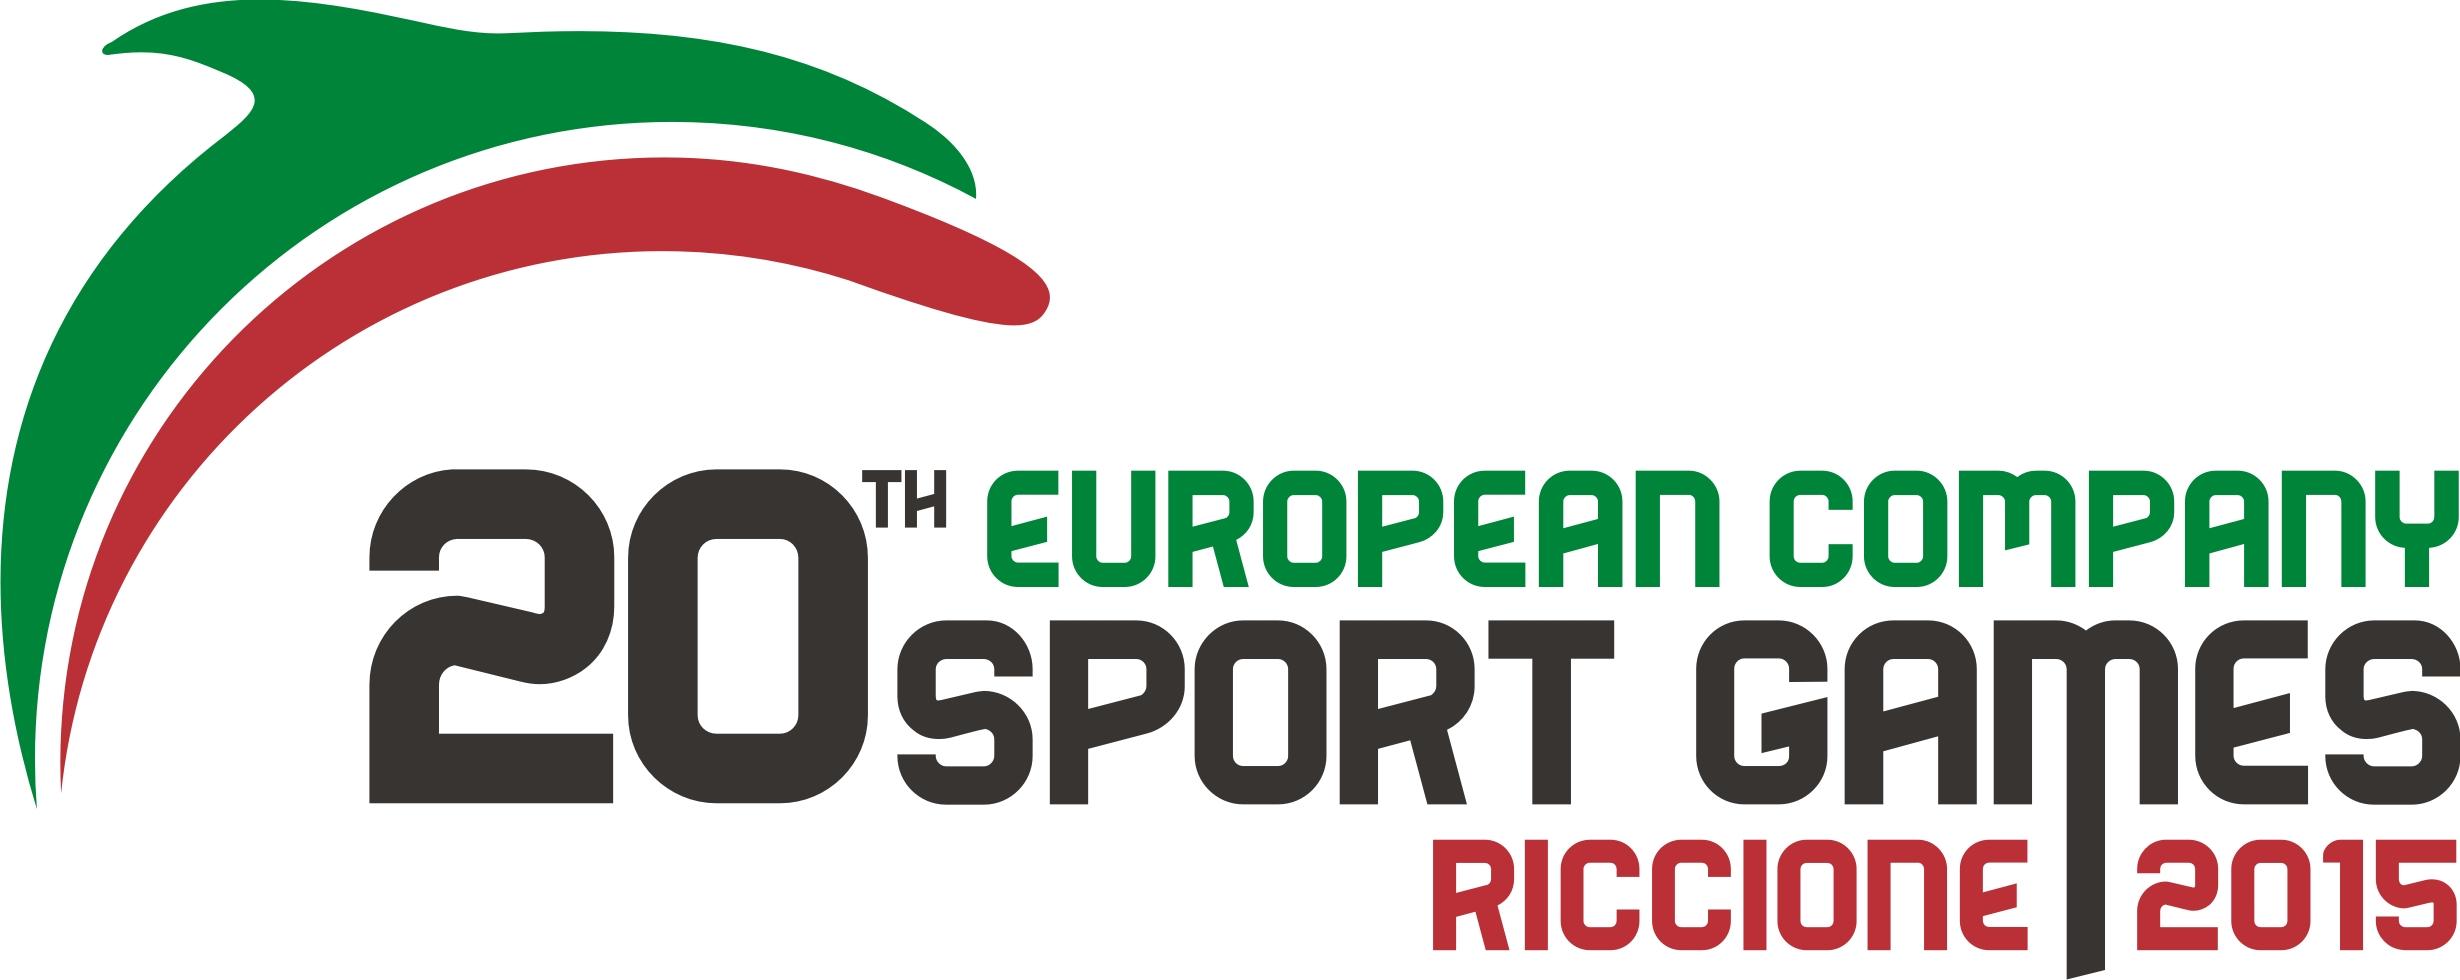 ECSG 2015 Riccione